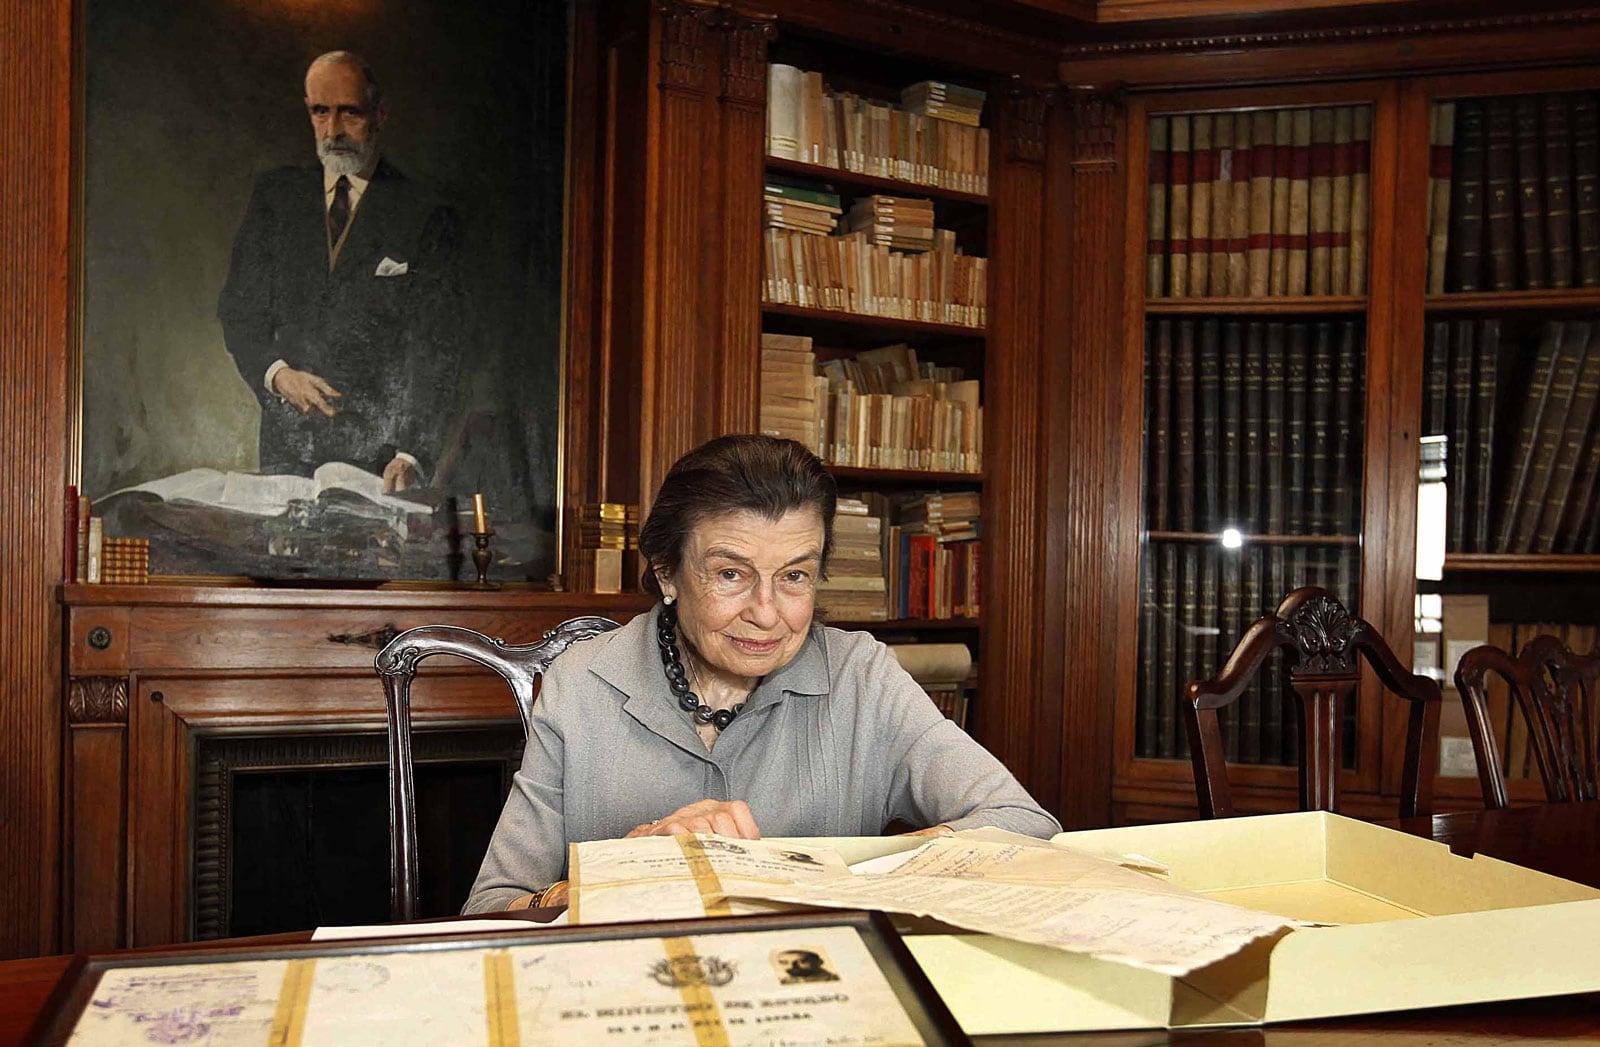 Helena Cambó amb una capsa de documents de Francesc Cambó, retornats de l'Arxiu de Salamanca, retratada a casa seva el 2012. Fotografia de Josep García.